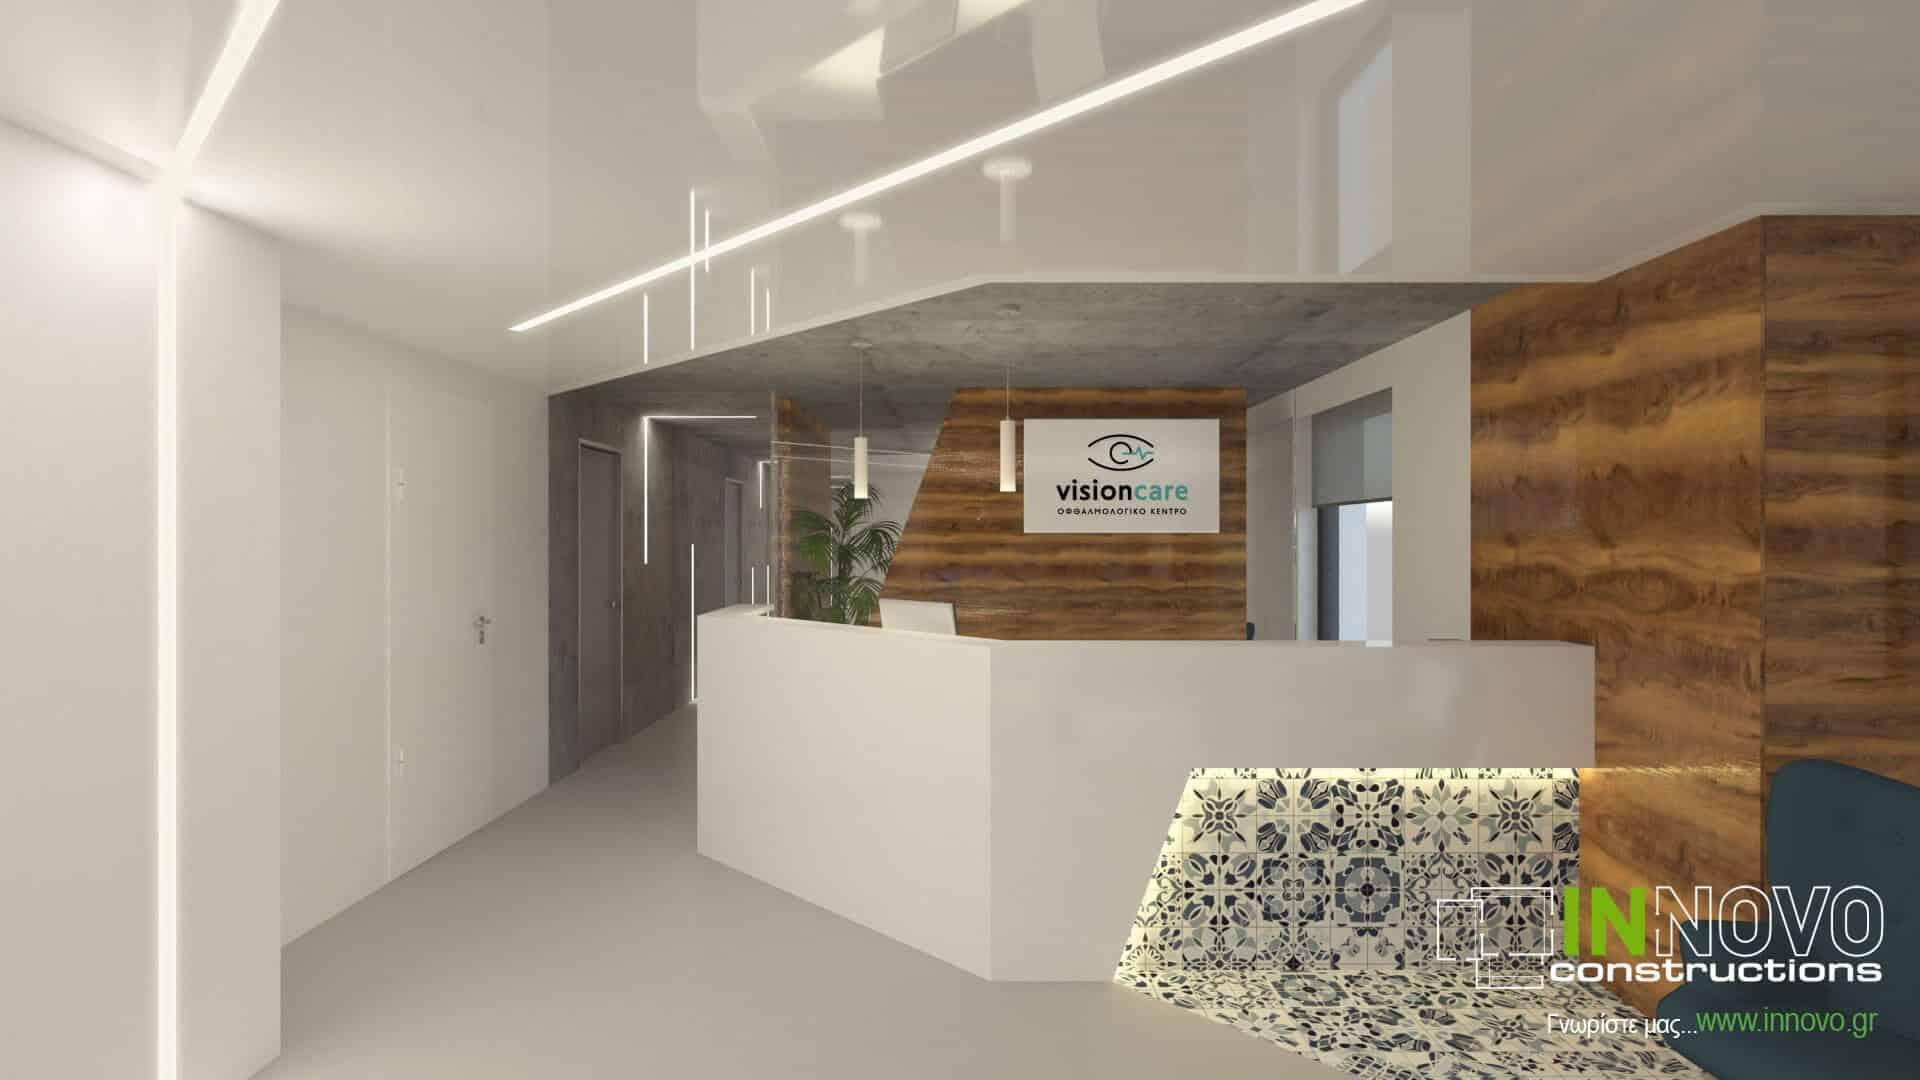 Σχεδιασμός ανακαίνισης οφθαλμολογικής κλινικής στη Γλυφάδα